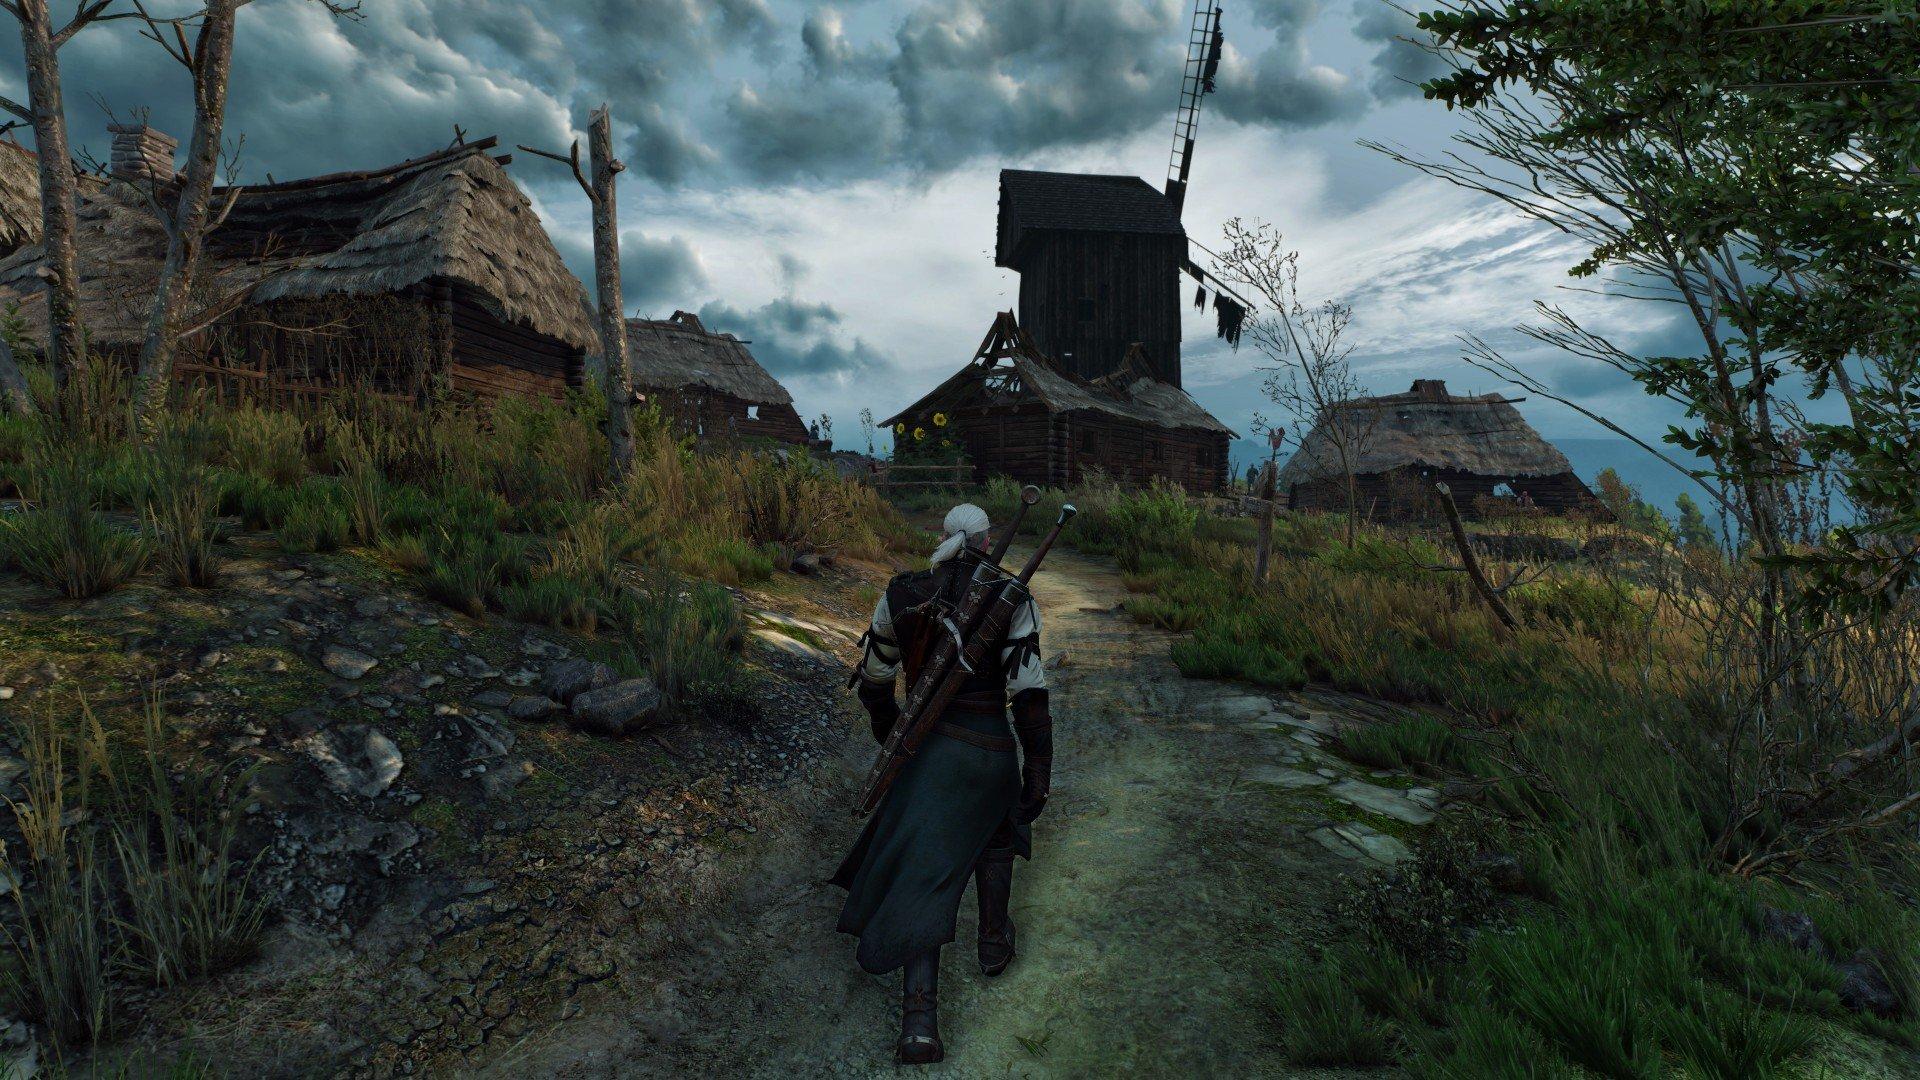 The Witcher 3: Wild Hunt. Ответы на вопросы, новые факты и информация о игре.   Сводка вопросов и ответов по игре, в .... - Изображение 16